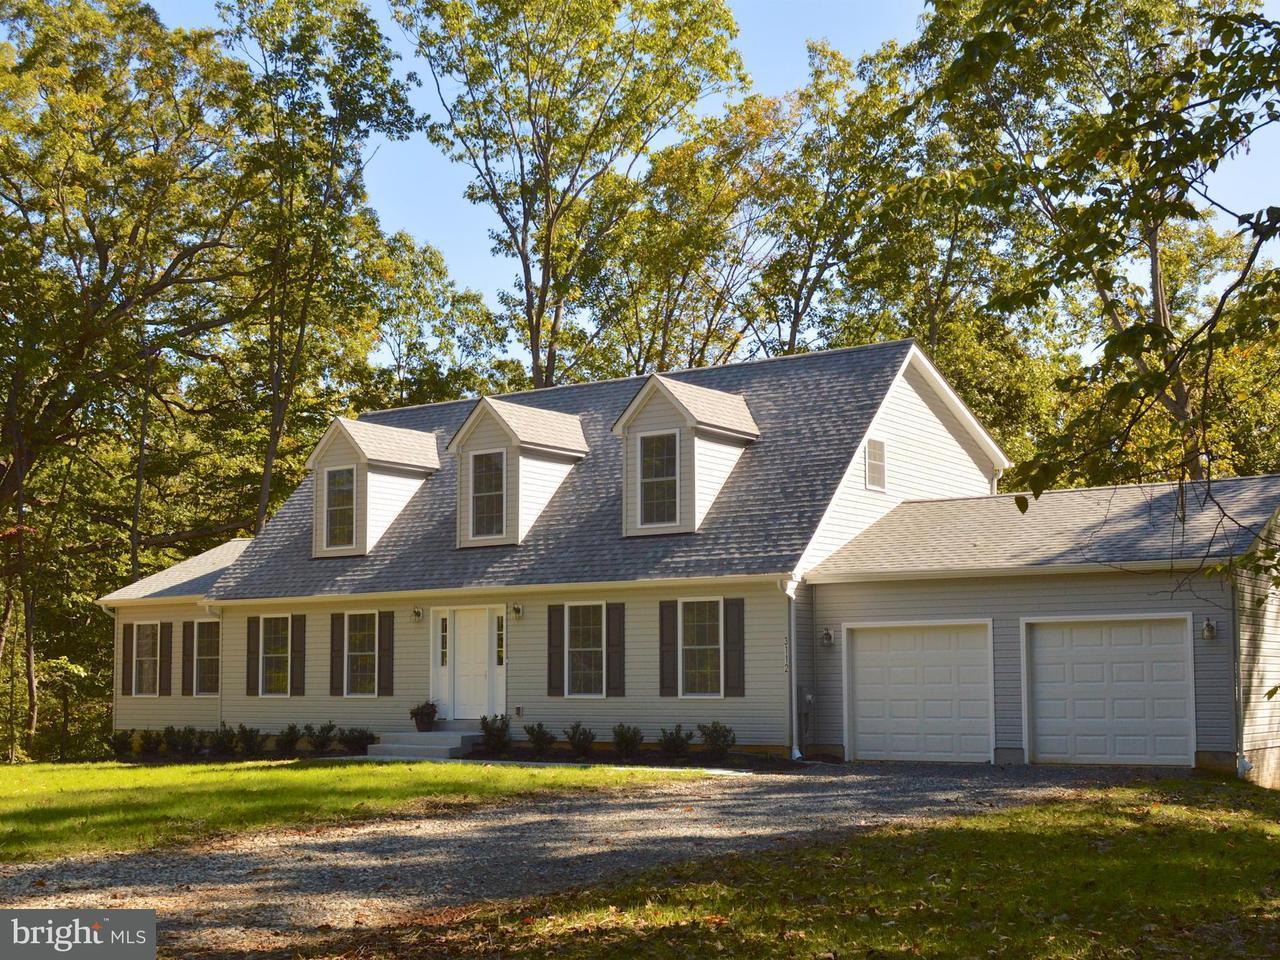 Μονοκατοικία για την Πώληση στο 3112 Powder Mill Road 3112 Powder Mill Road Hyattsville, Μεριλαντ 20783 Ηνωμενεσ Πολιτειεσ